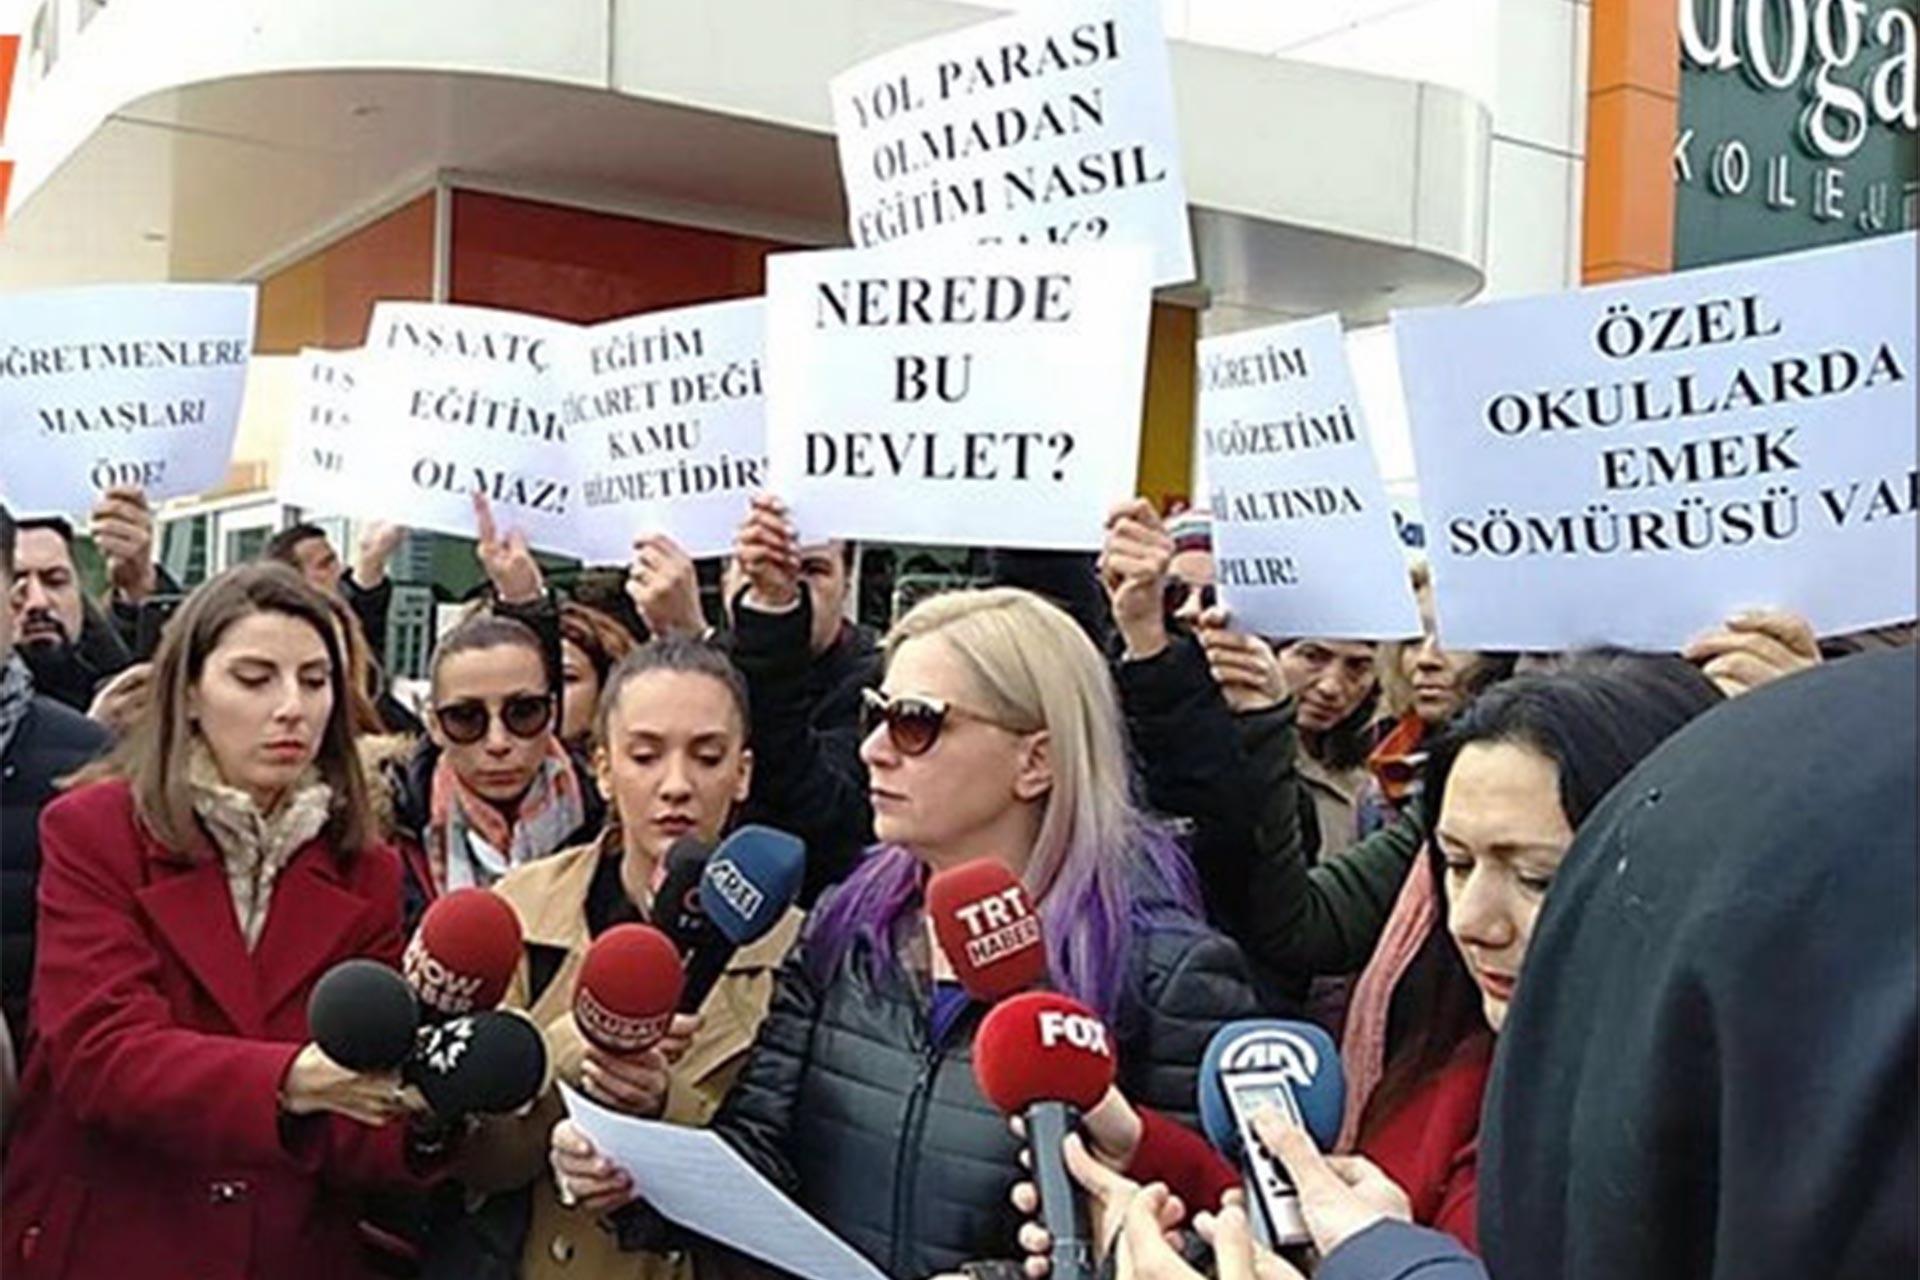 Doğa Kolejleri Genel Müdürlüğü binası önünde basın açıklaması yapan veliler